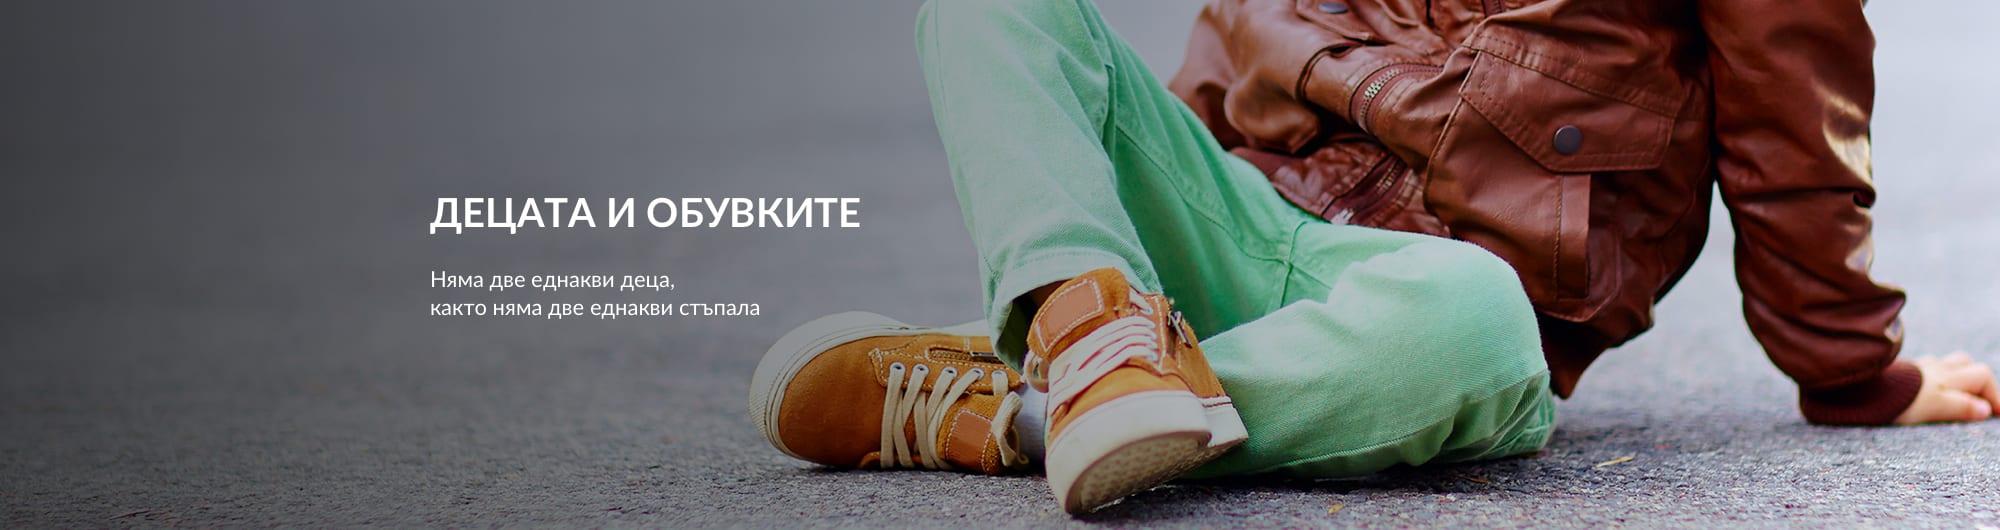 децата и обувките